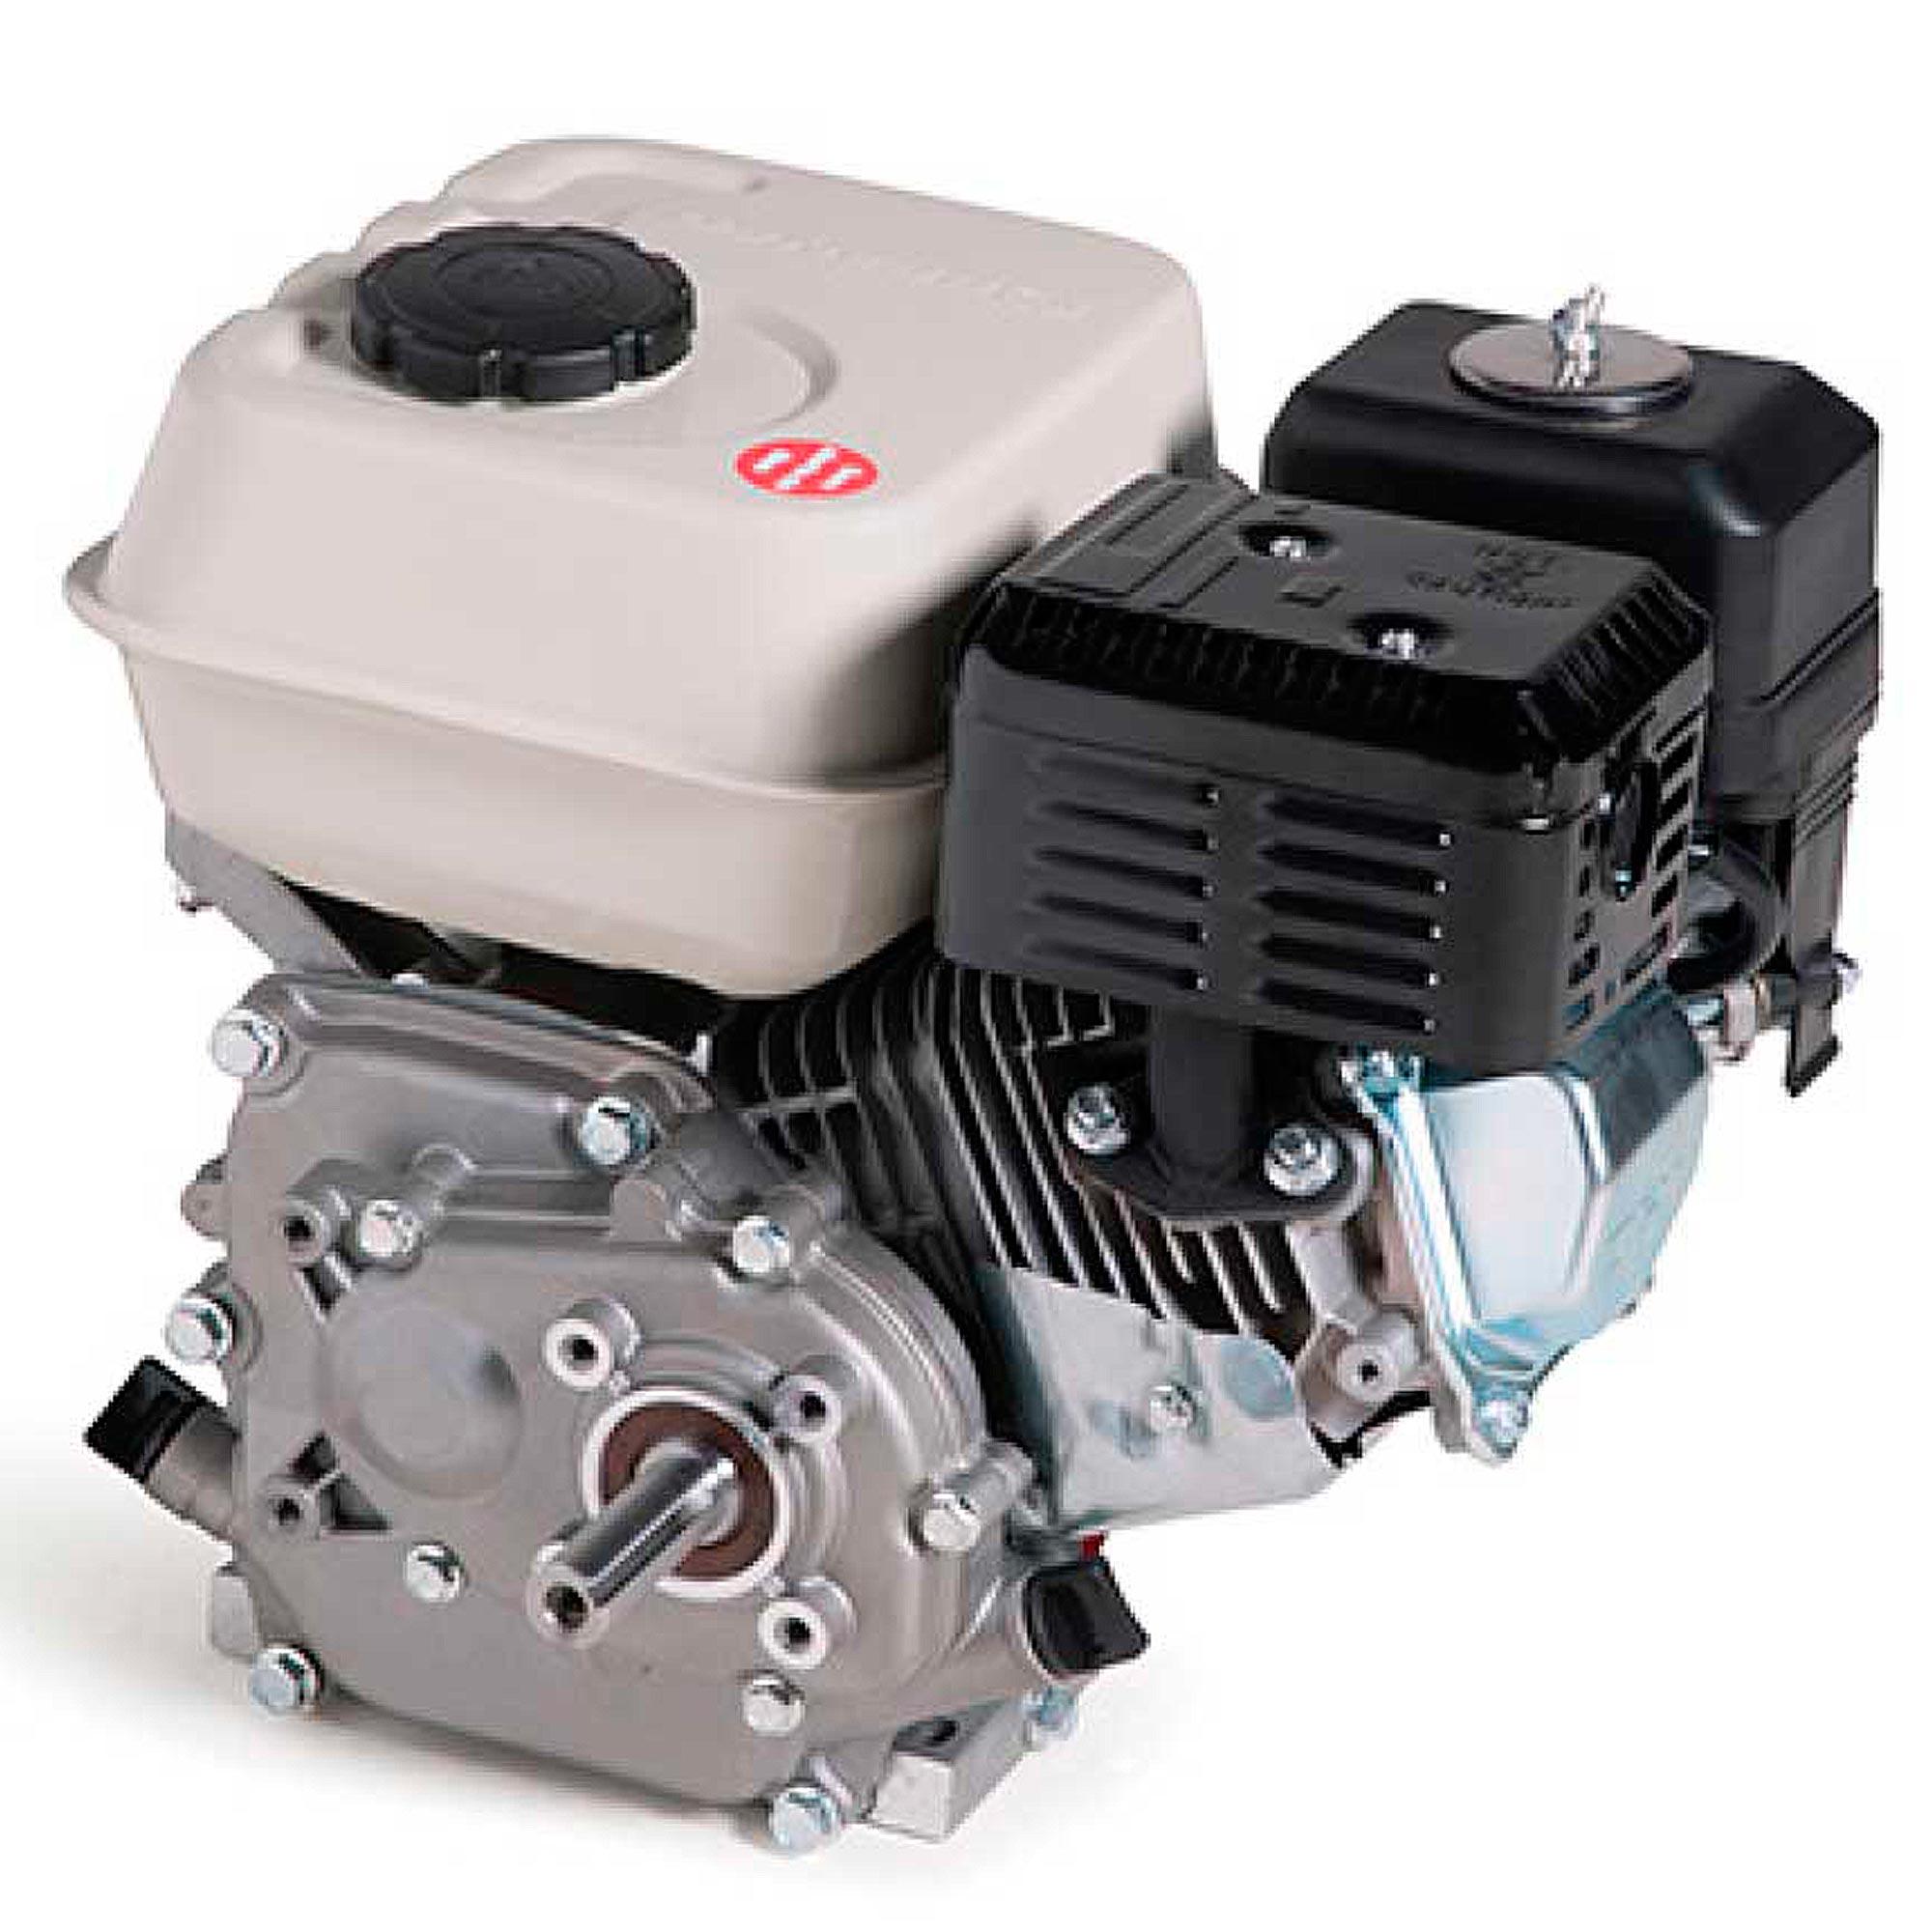 Motor Branco 6,5 hp 4 Tempos com Embreagem